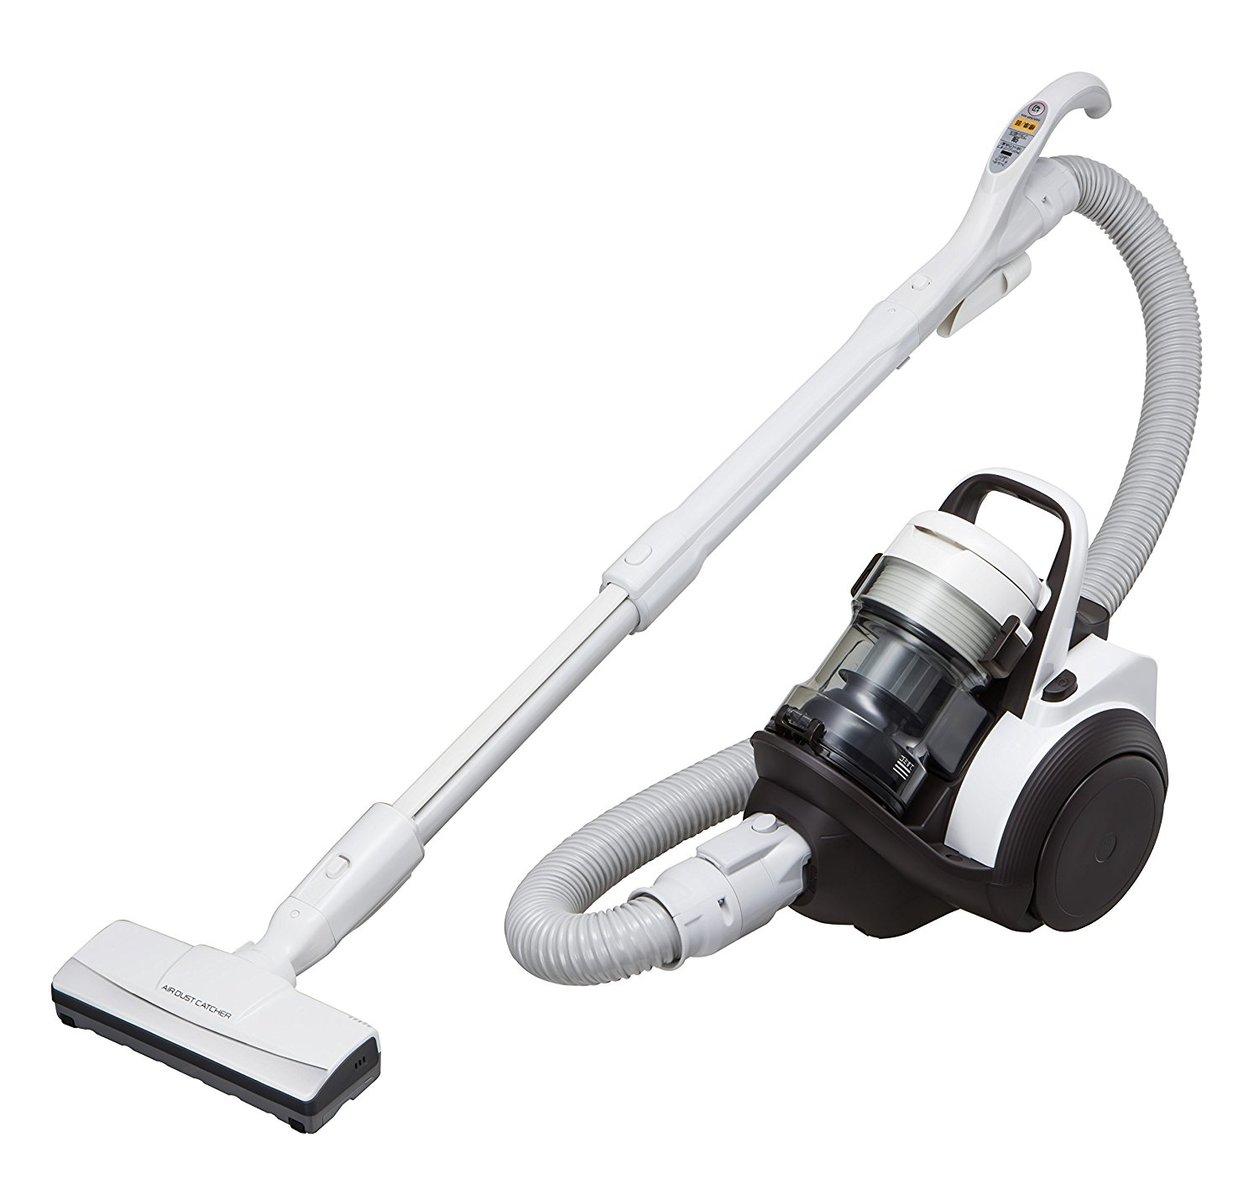 【送料無料 新品】パナソニック サイクロン掃除機 ショコラホワイト MC-SR24J-W